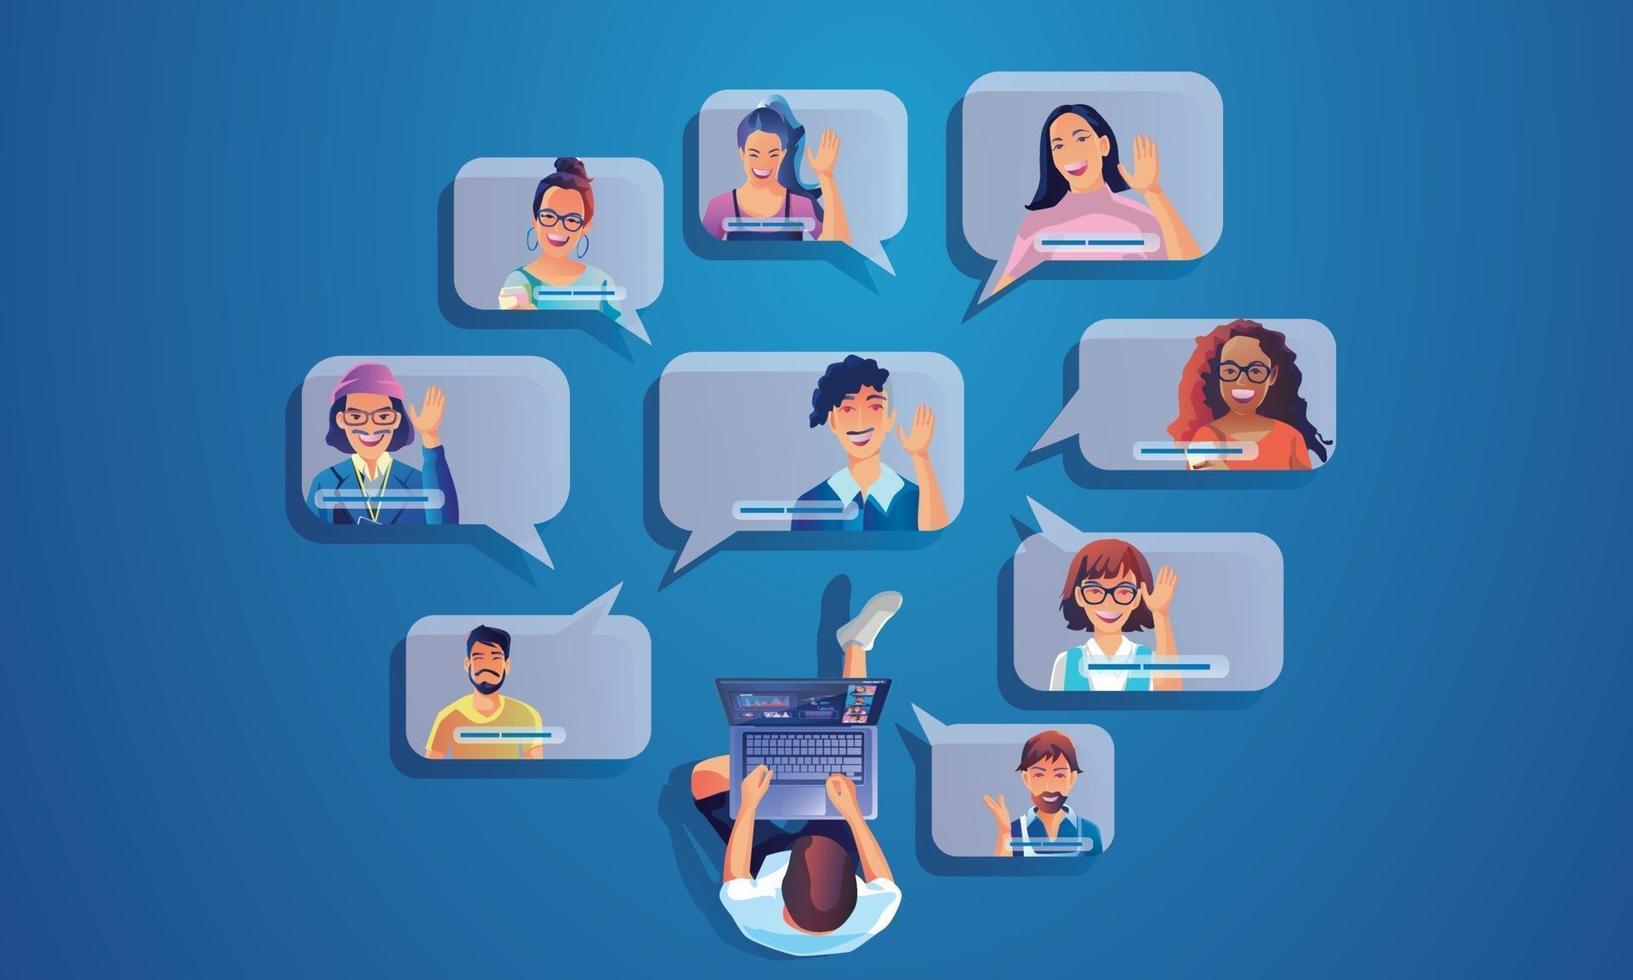 homme d'affaires utilise la vidéoconférence atterrissage des travailleurs sur l'écran de la fenêtre prenant avec des collègues. visioconférence et réunion en ligne, illustration vectorielle d'apprentissage en ligne homme et femme, design plat vecteur